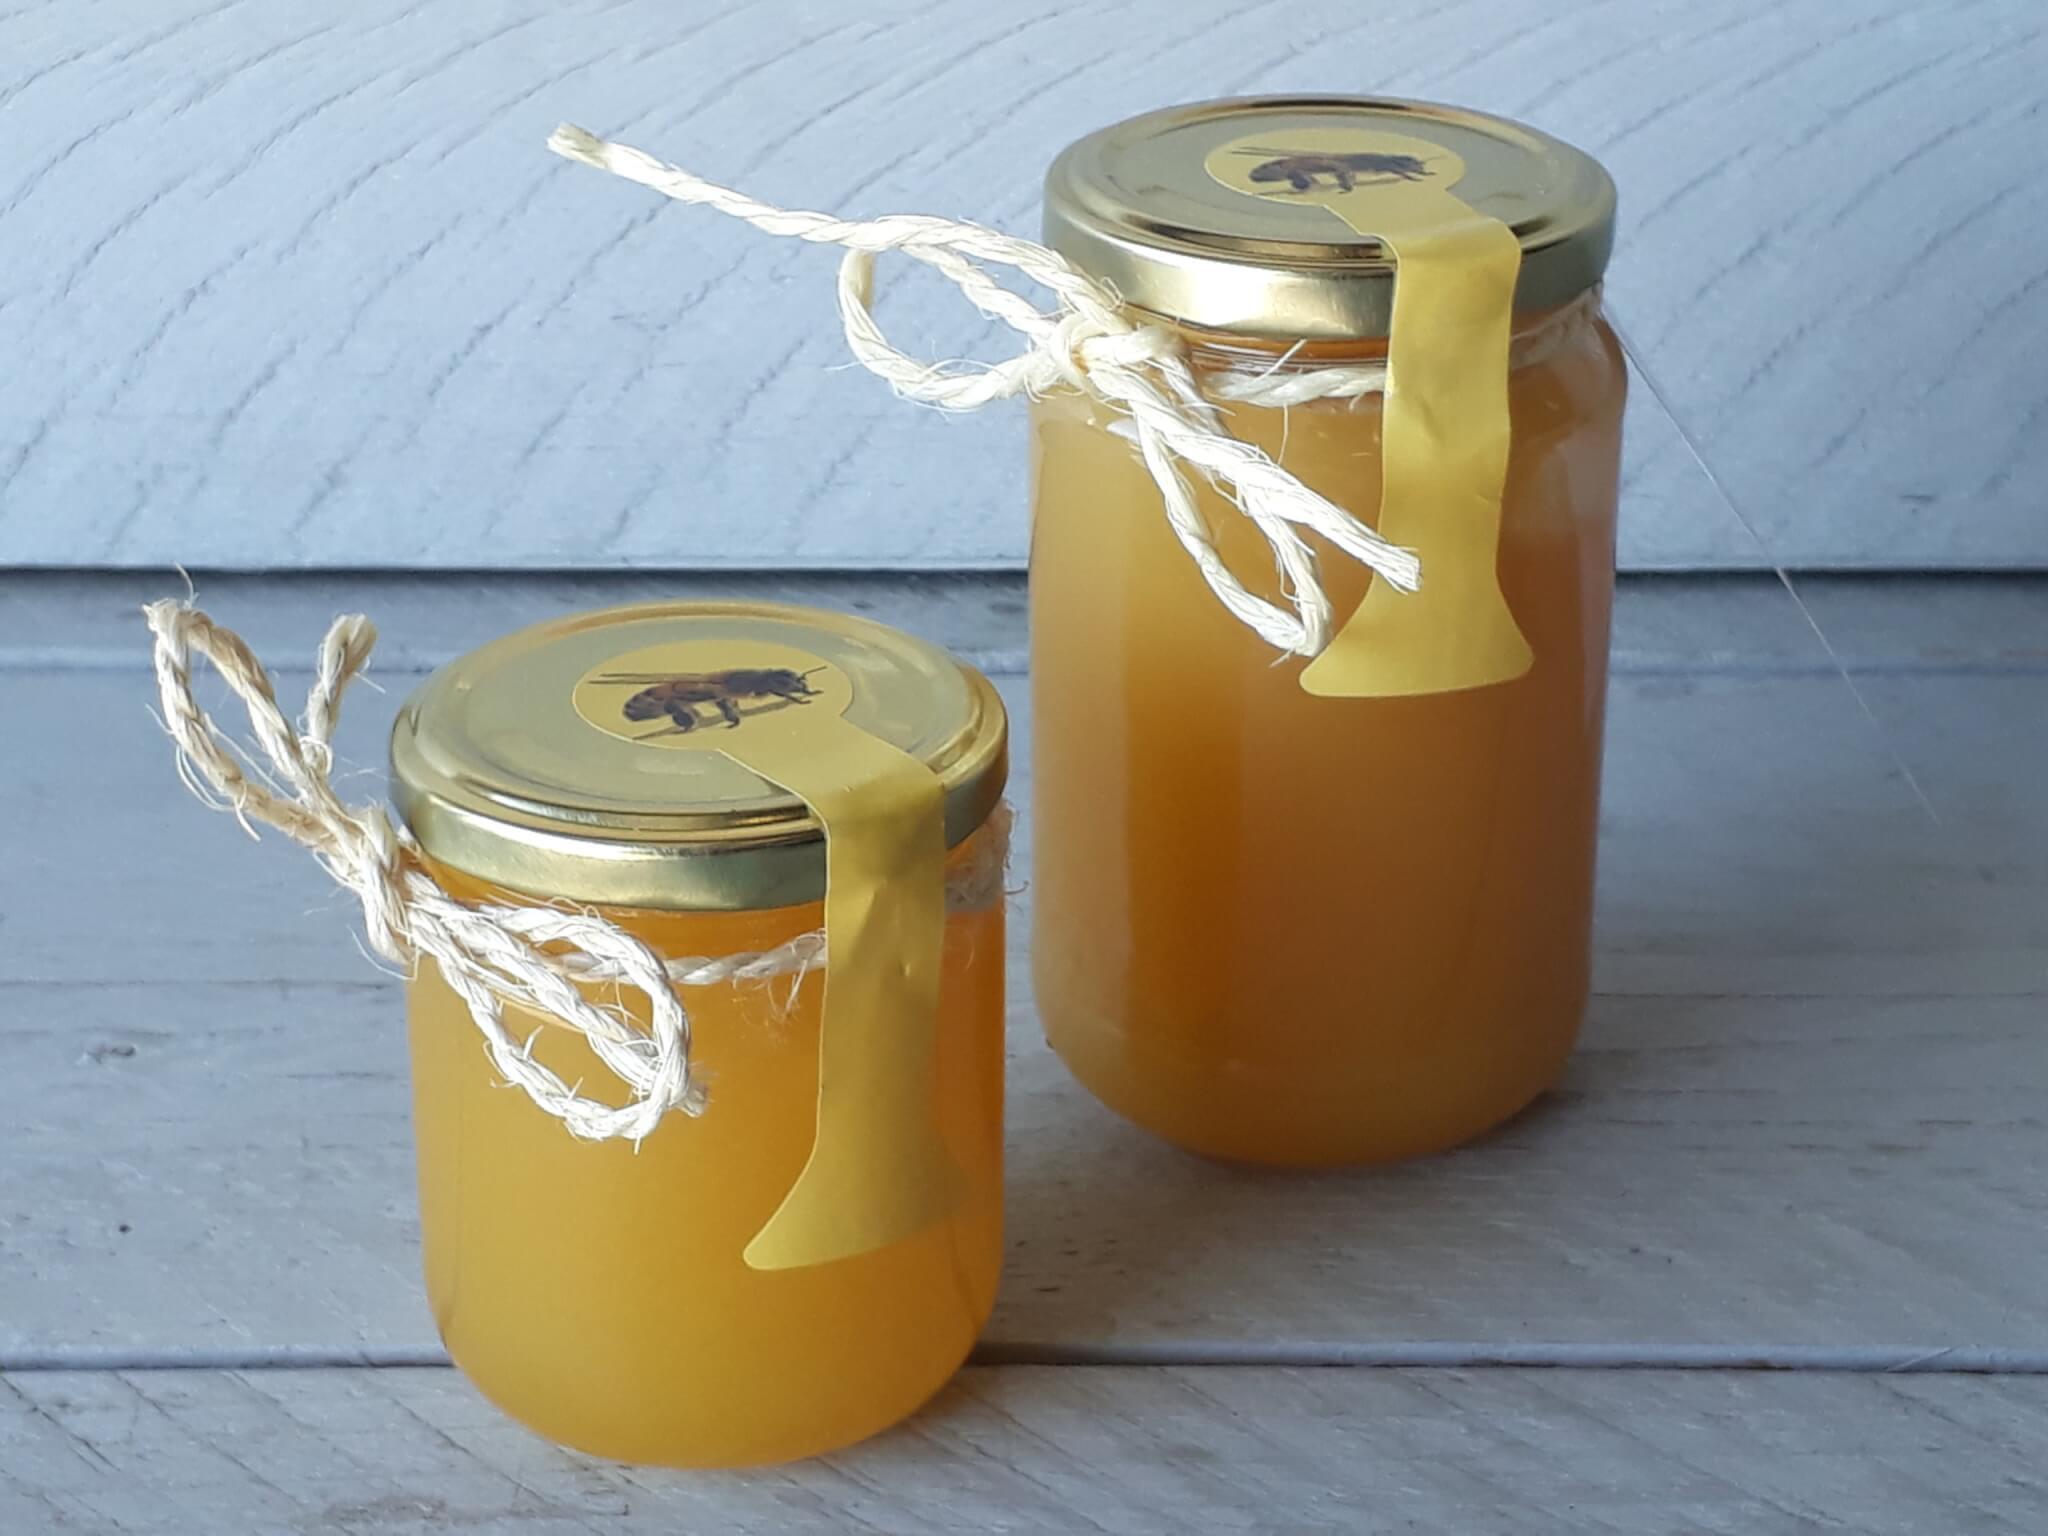 Fruitbedrijf Van den Berge: Zeeuwse honing